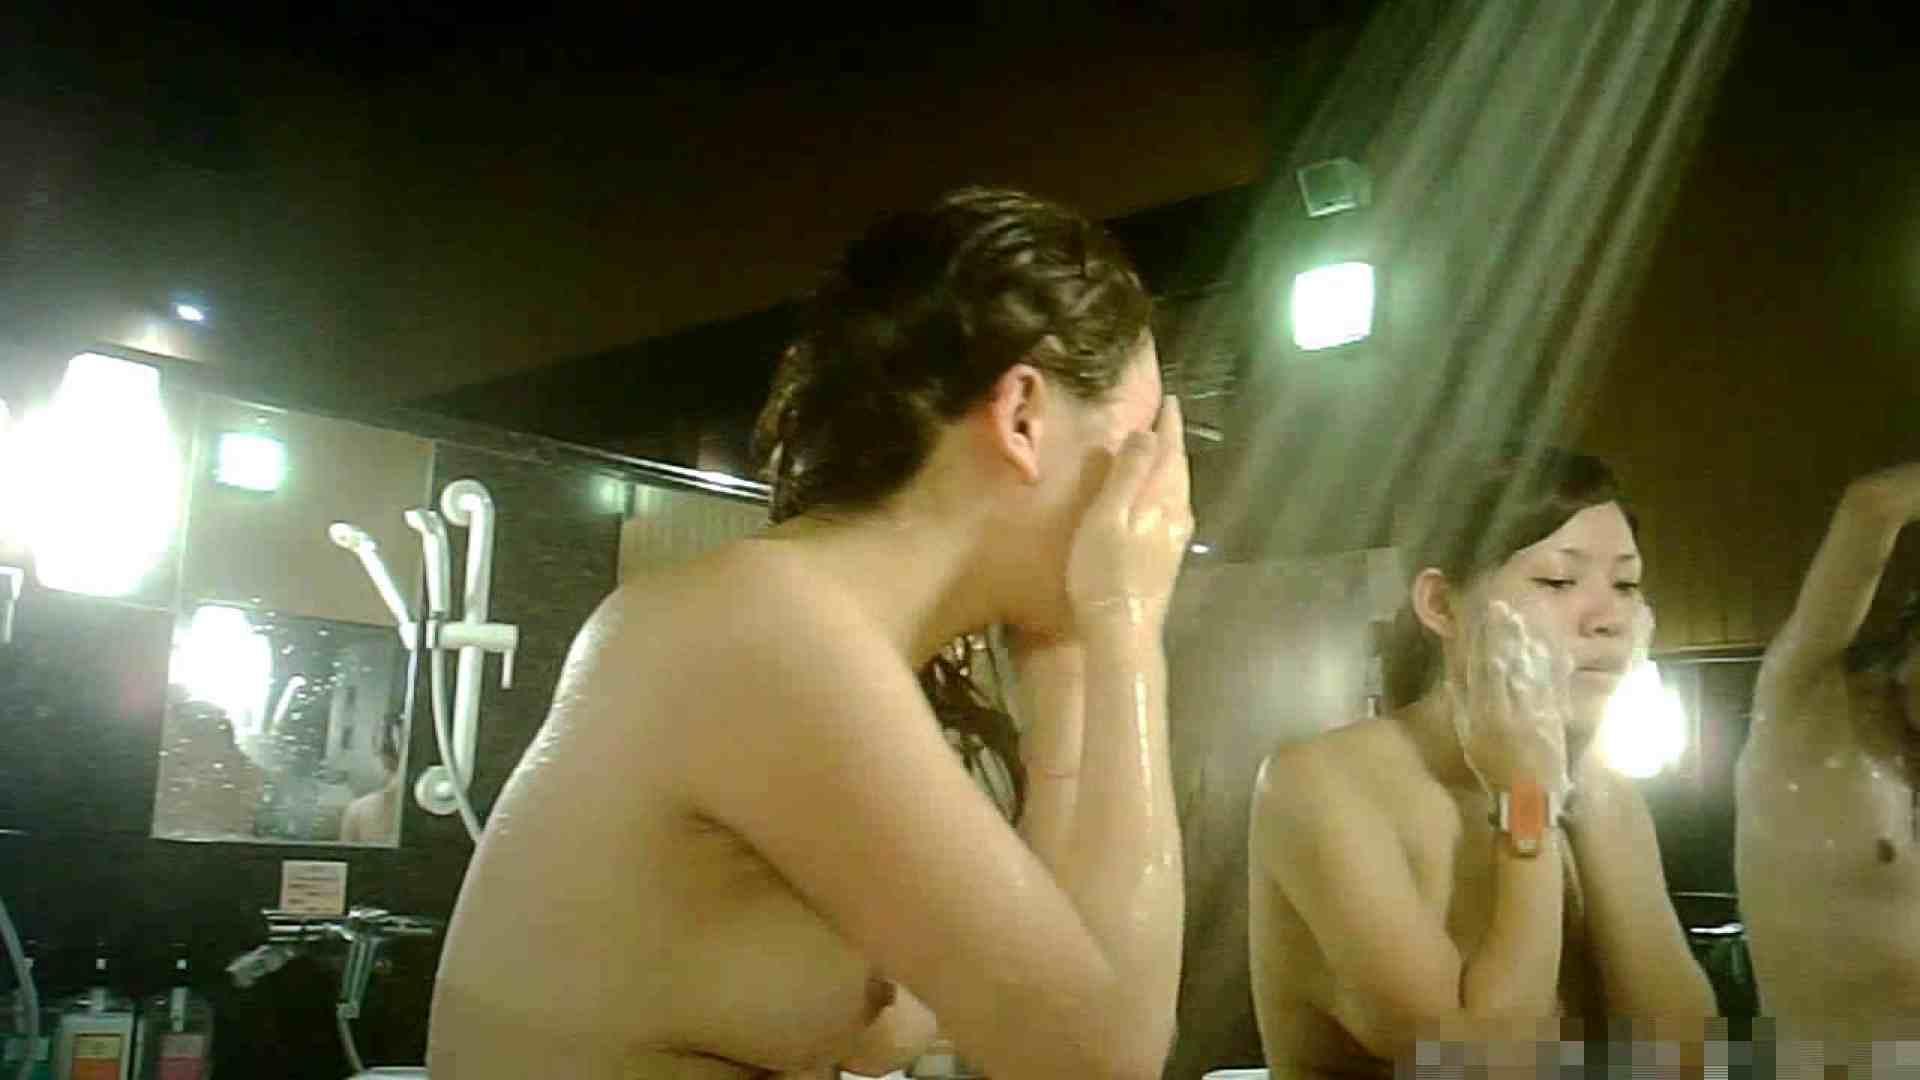 手を染めてしまった女性盗撮師の女風呂潜入記 vol.004 潜入 性交動画流出 81pic 22